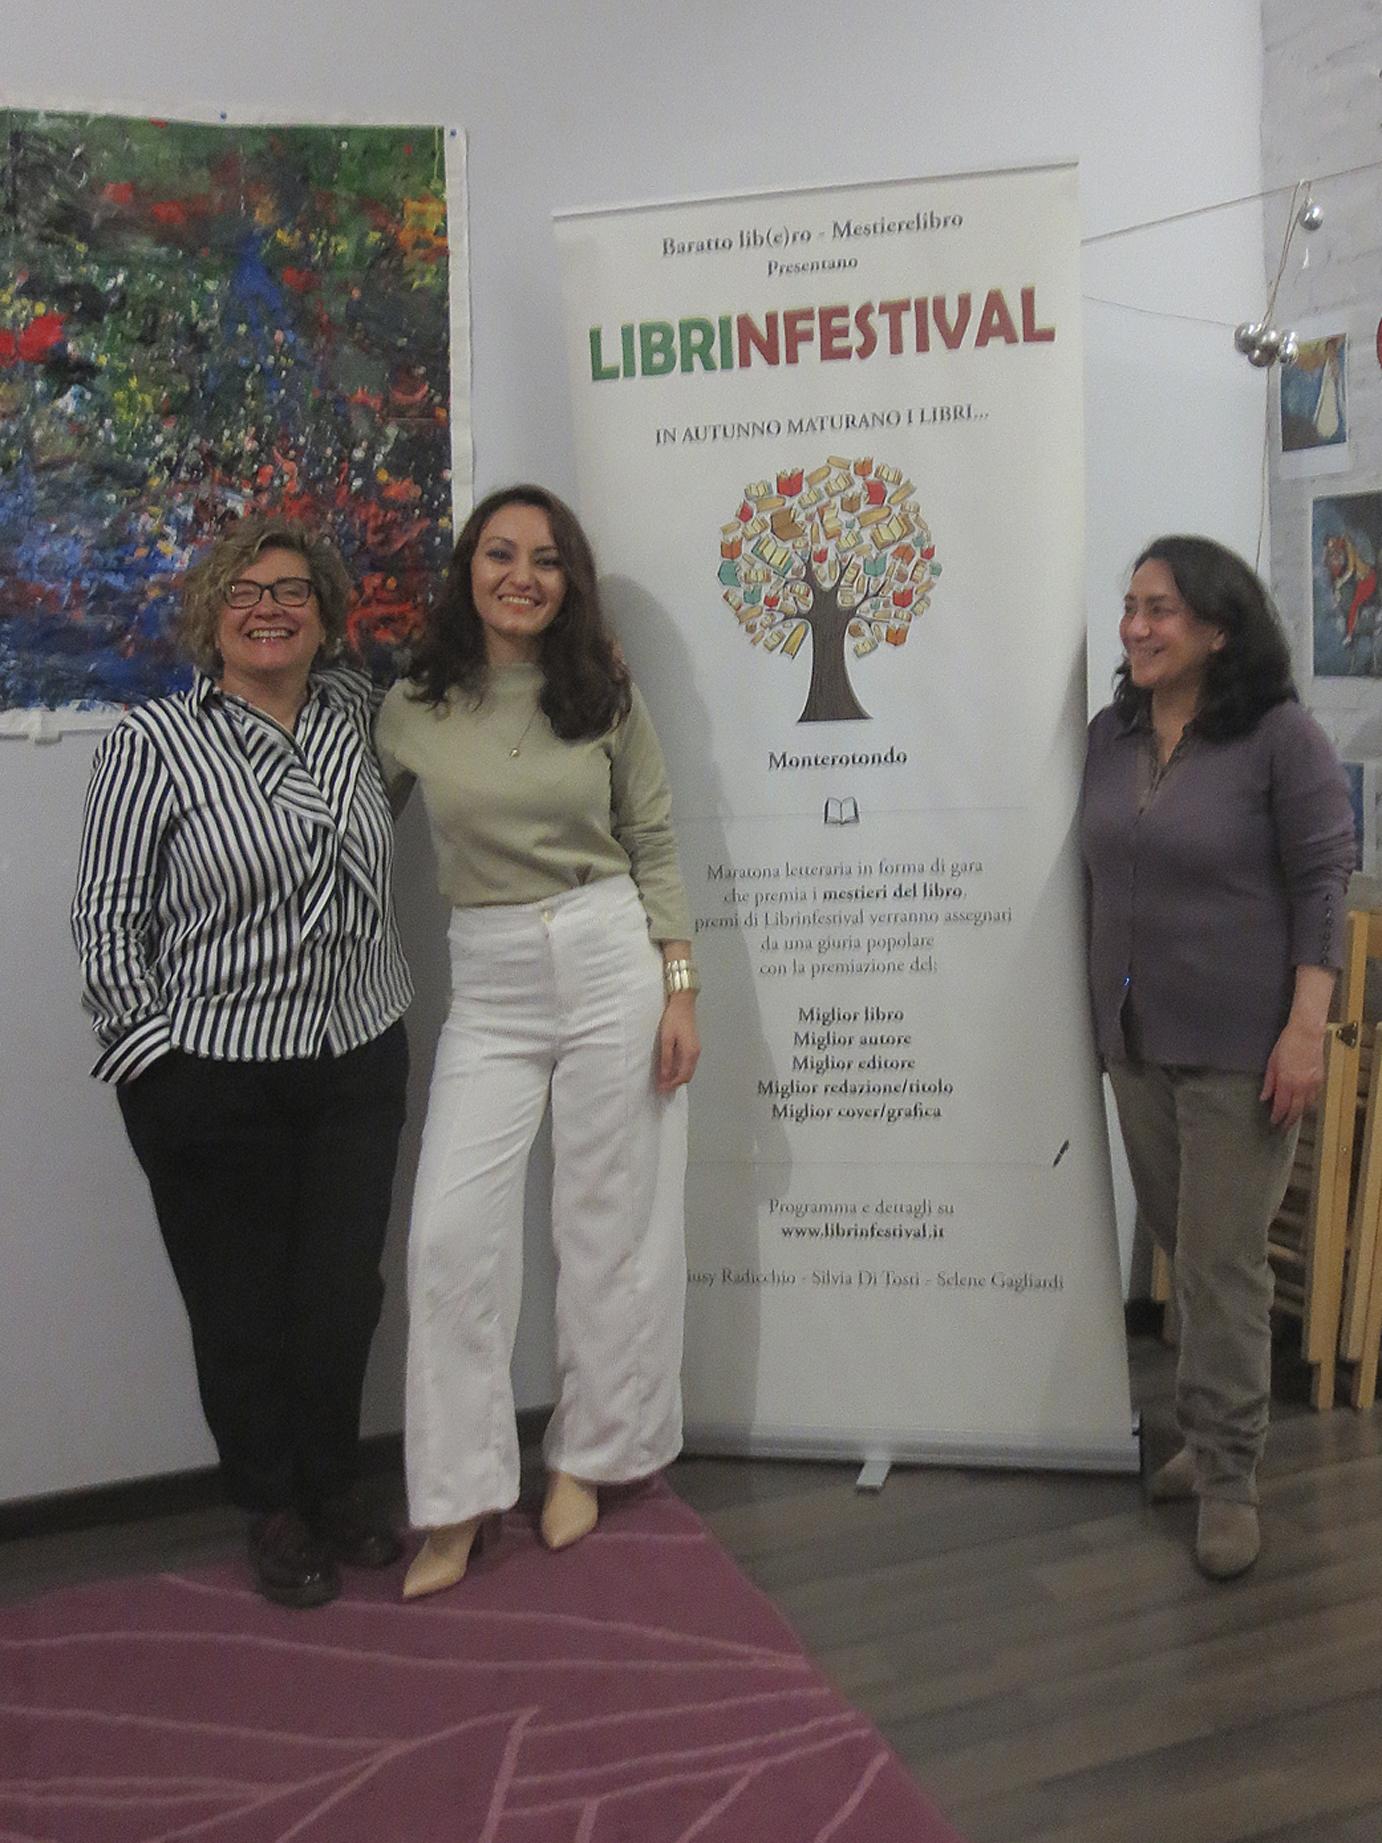 Ruska Jorjoliani, La tua presenza è come una città, Corrimano Edizioni, #Librinfestival